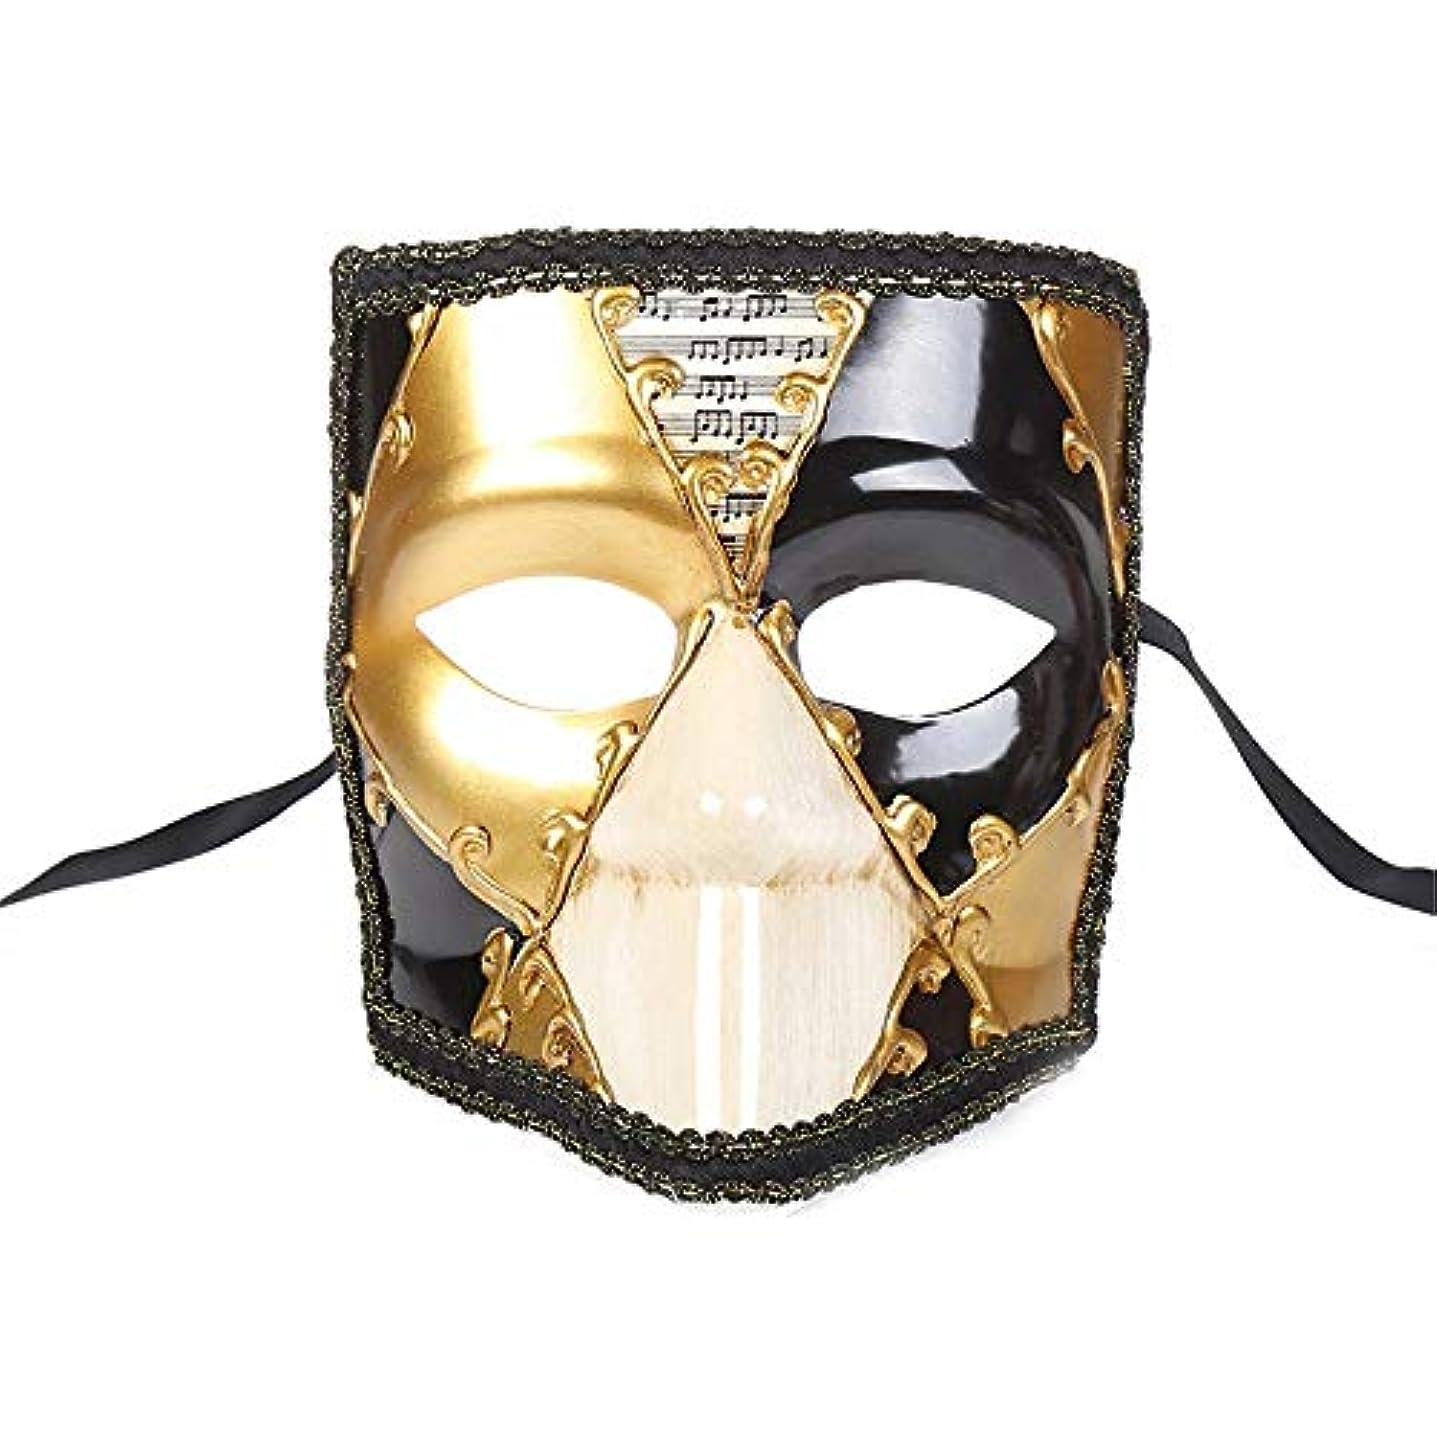 アプトハリケーン休眠ダンスマスク ピエロマスクヴィンテージマスカレードショーデコレーションコスプレナイトクラブプラスチック厚いマスク パーティーマスク (色 : 黄, サイズ : 18x15cm)